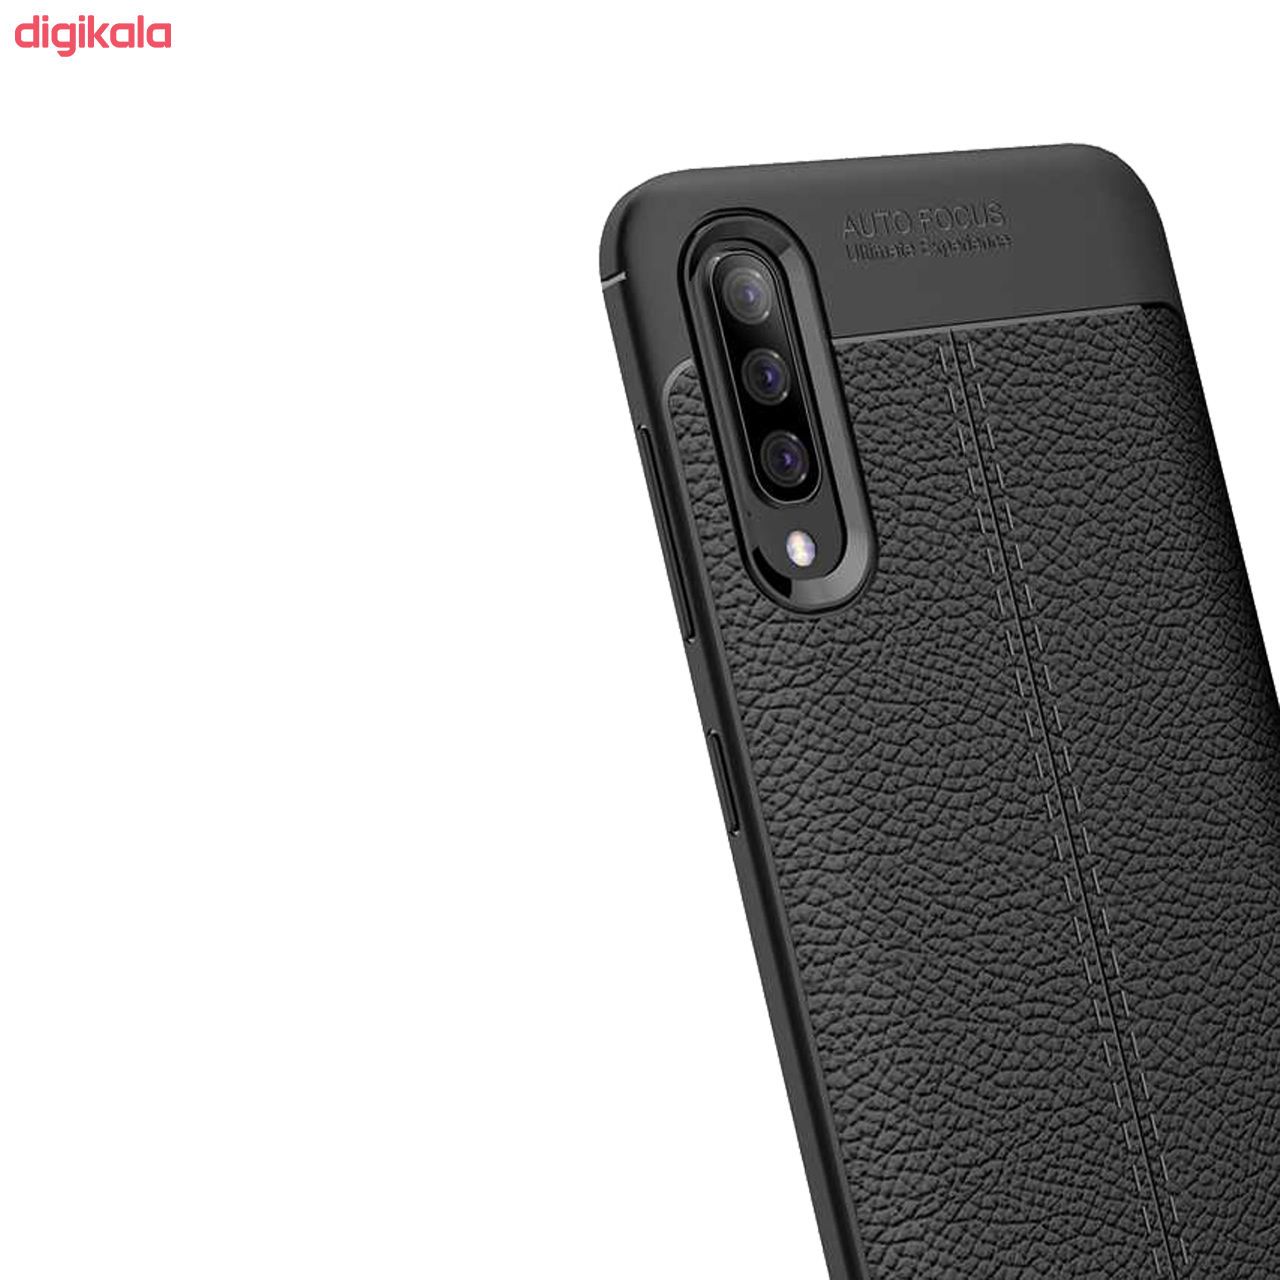 خرید اینترنتی با تخفیف ویژه  کاور ری گان مدل AF500 مناسب برای گوشی موبایل سامسونگ Galaxy A50 به همراه محافظ صفحه نمایش